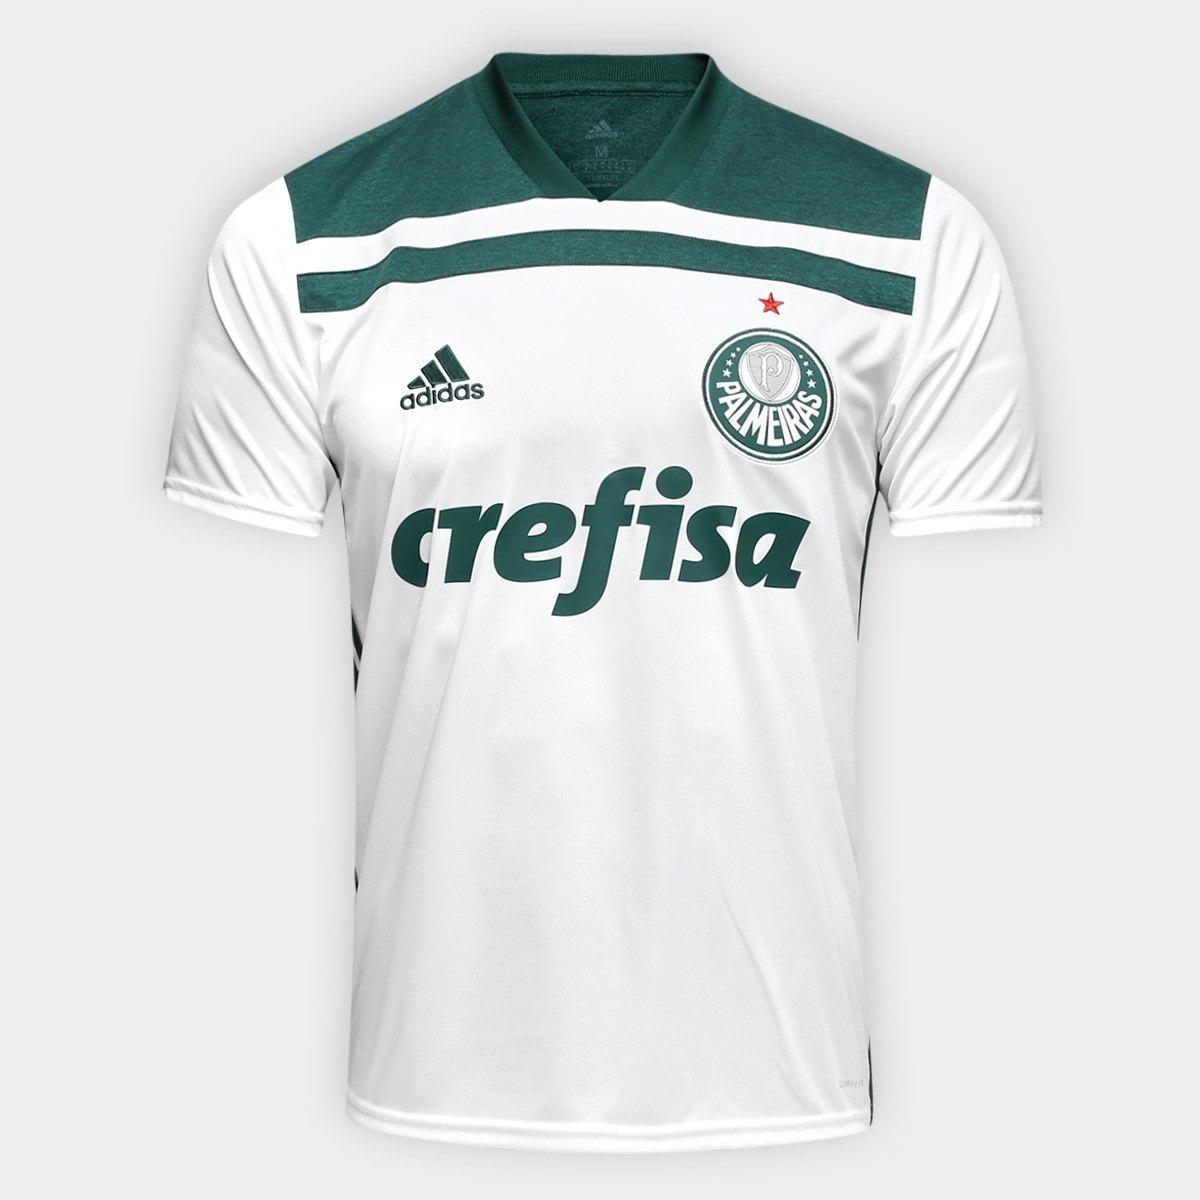 54a4b408e719b Nova Camisa Palmeiras Oficial Il 18 19 - Preço Especial! - R  144